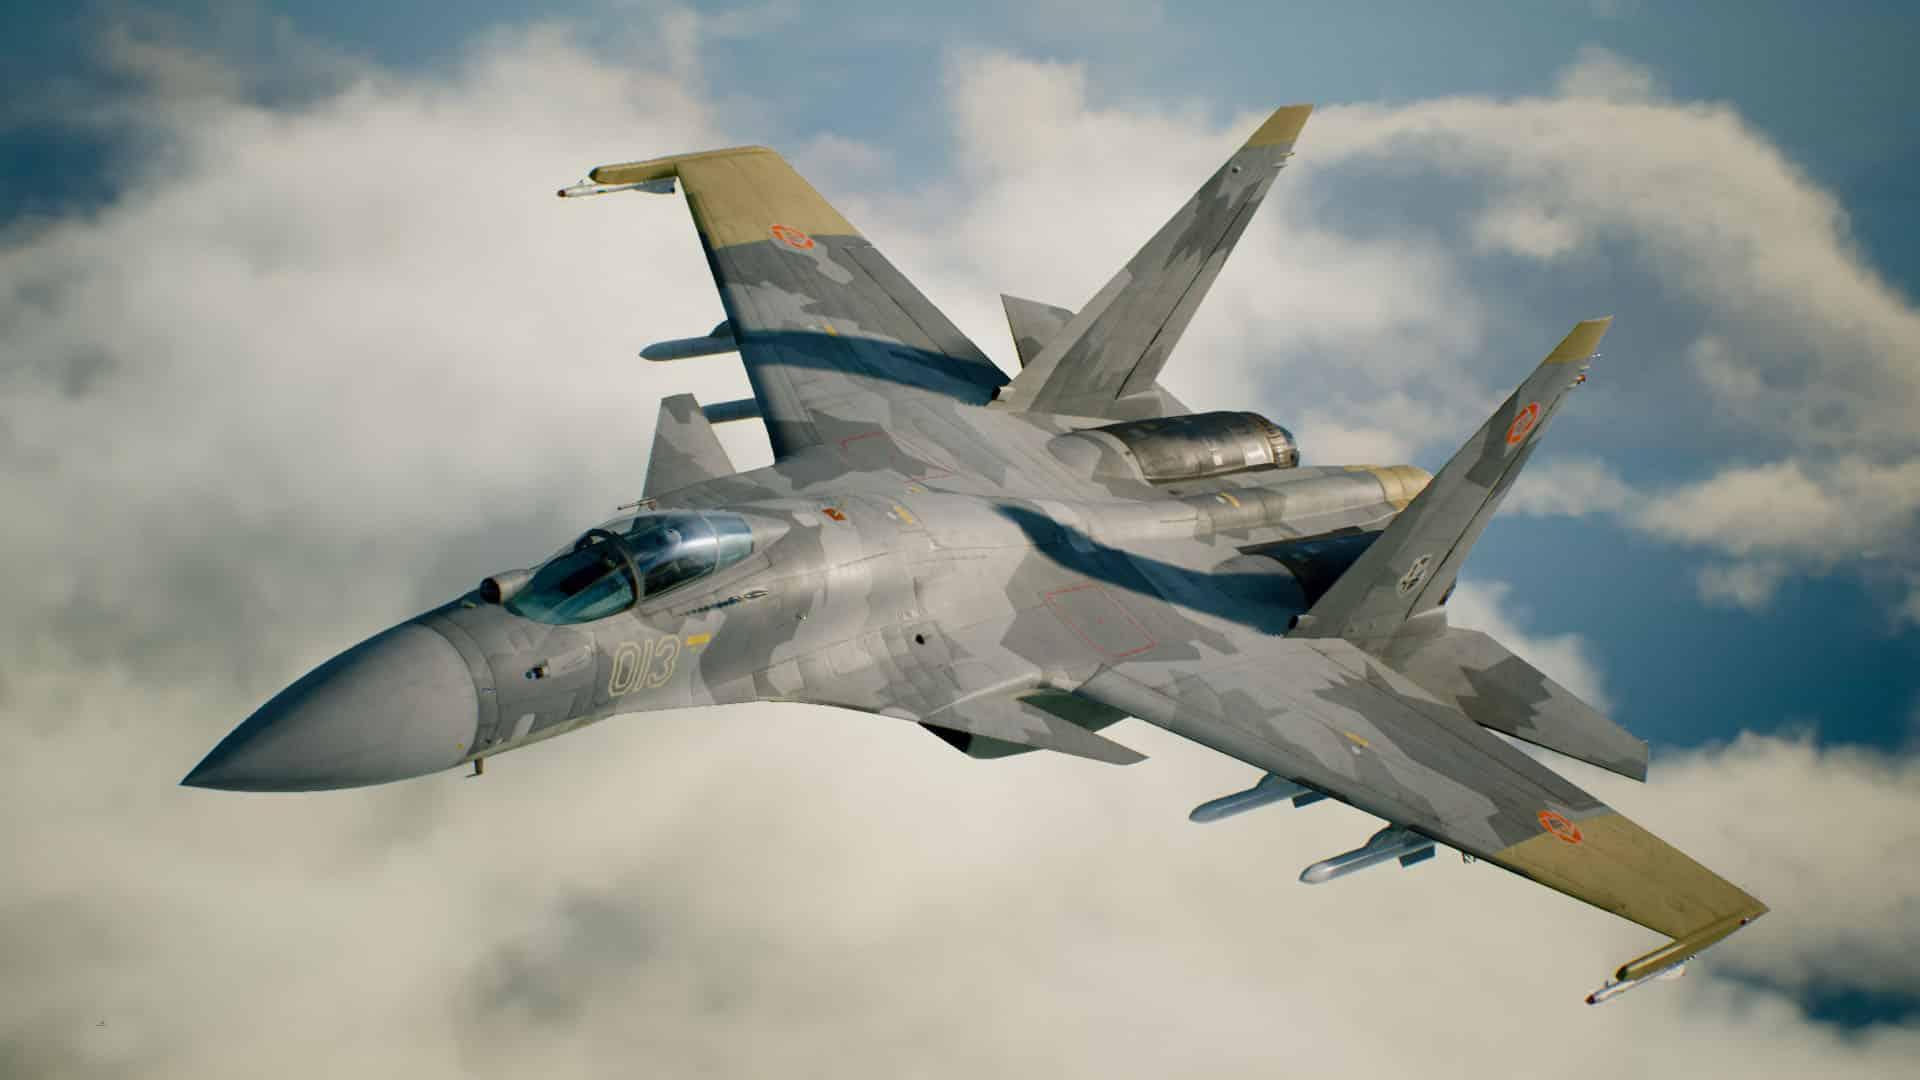 Conheça o avião de guerra mais potente que existem